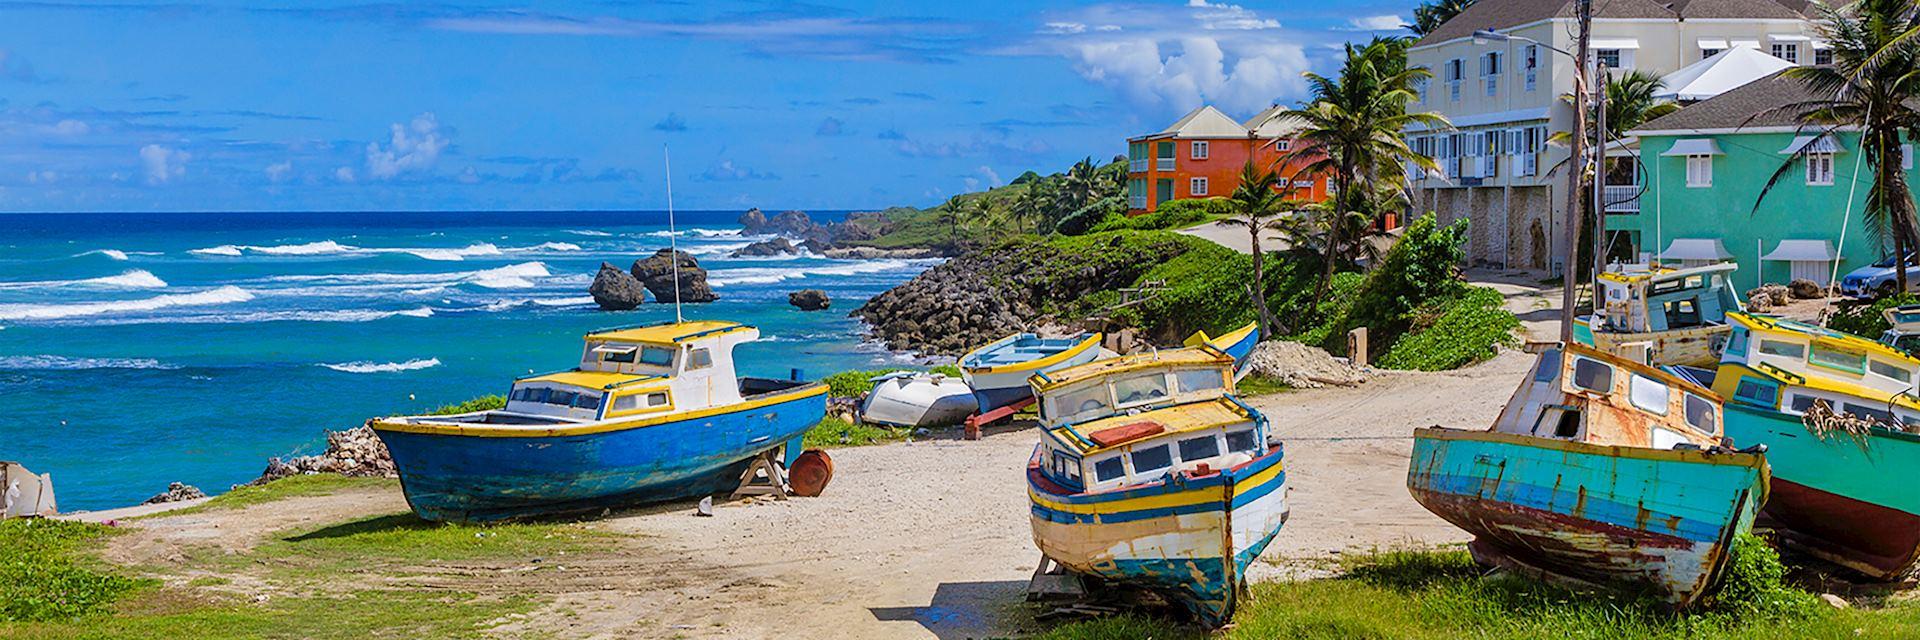 Tent Bay, Barbados